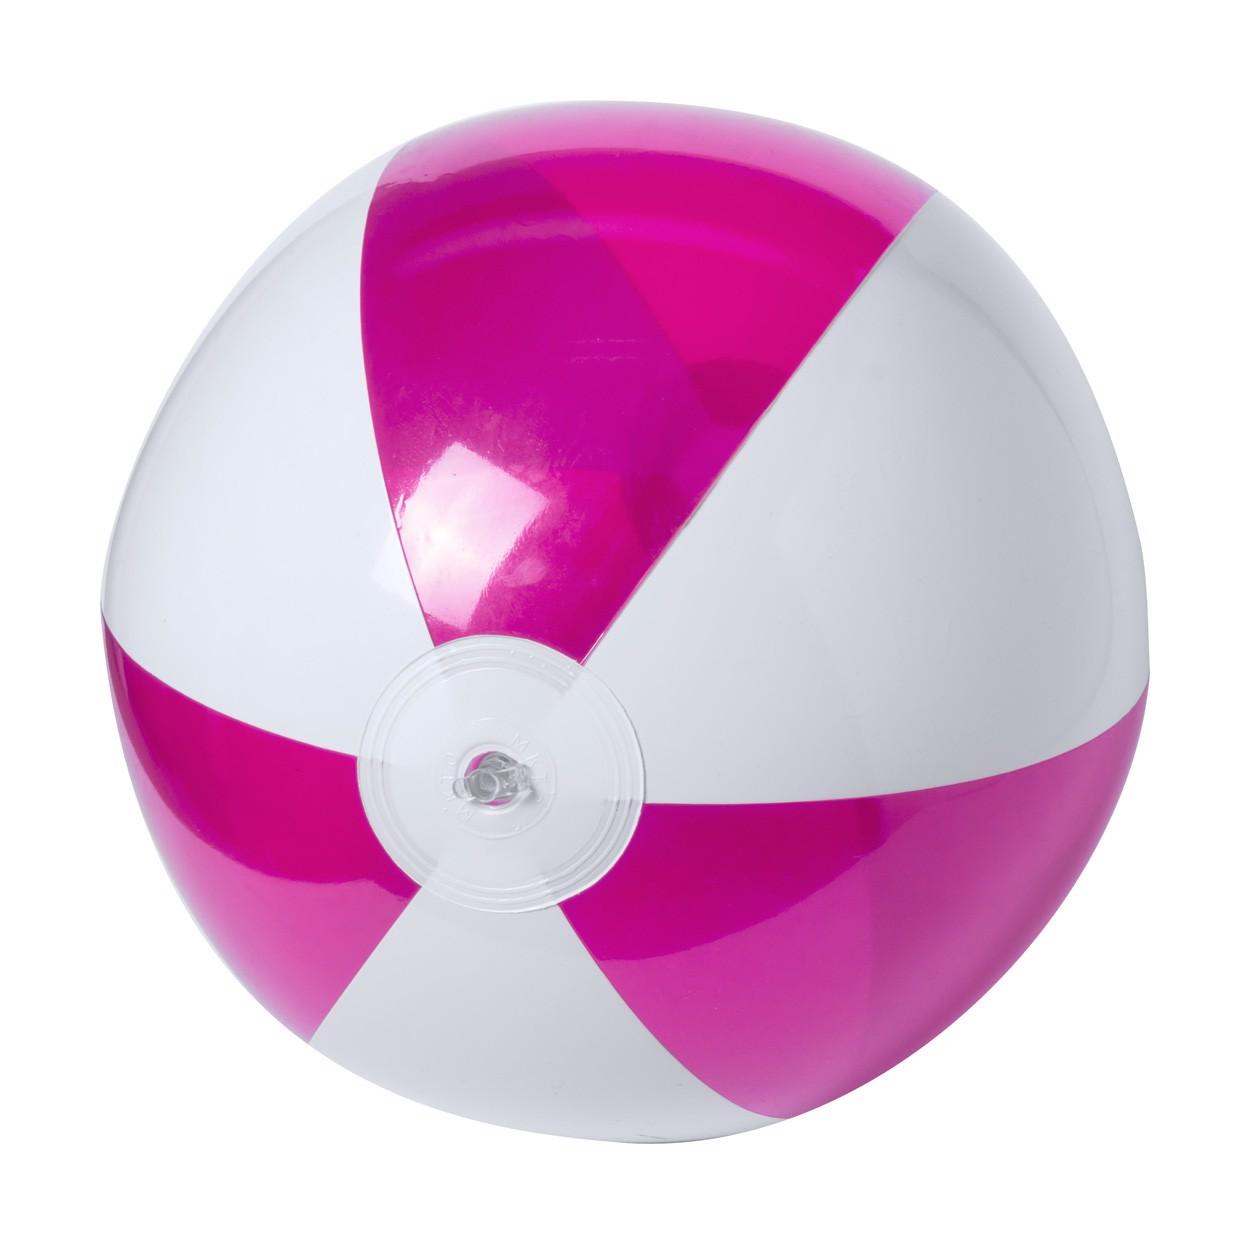 Plážový Míč (Ø28 Cm) Zeusty - Růžová / Bílá